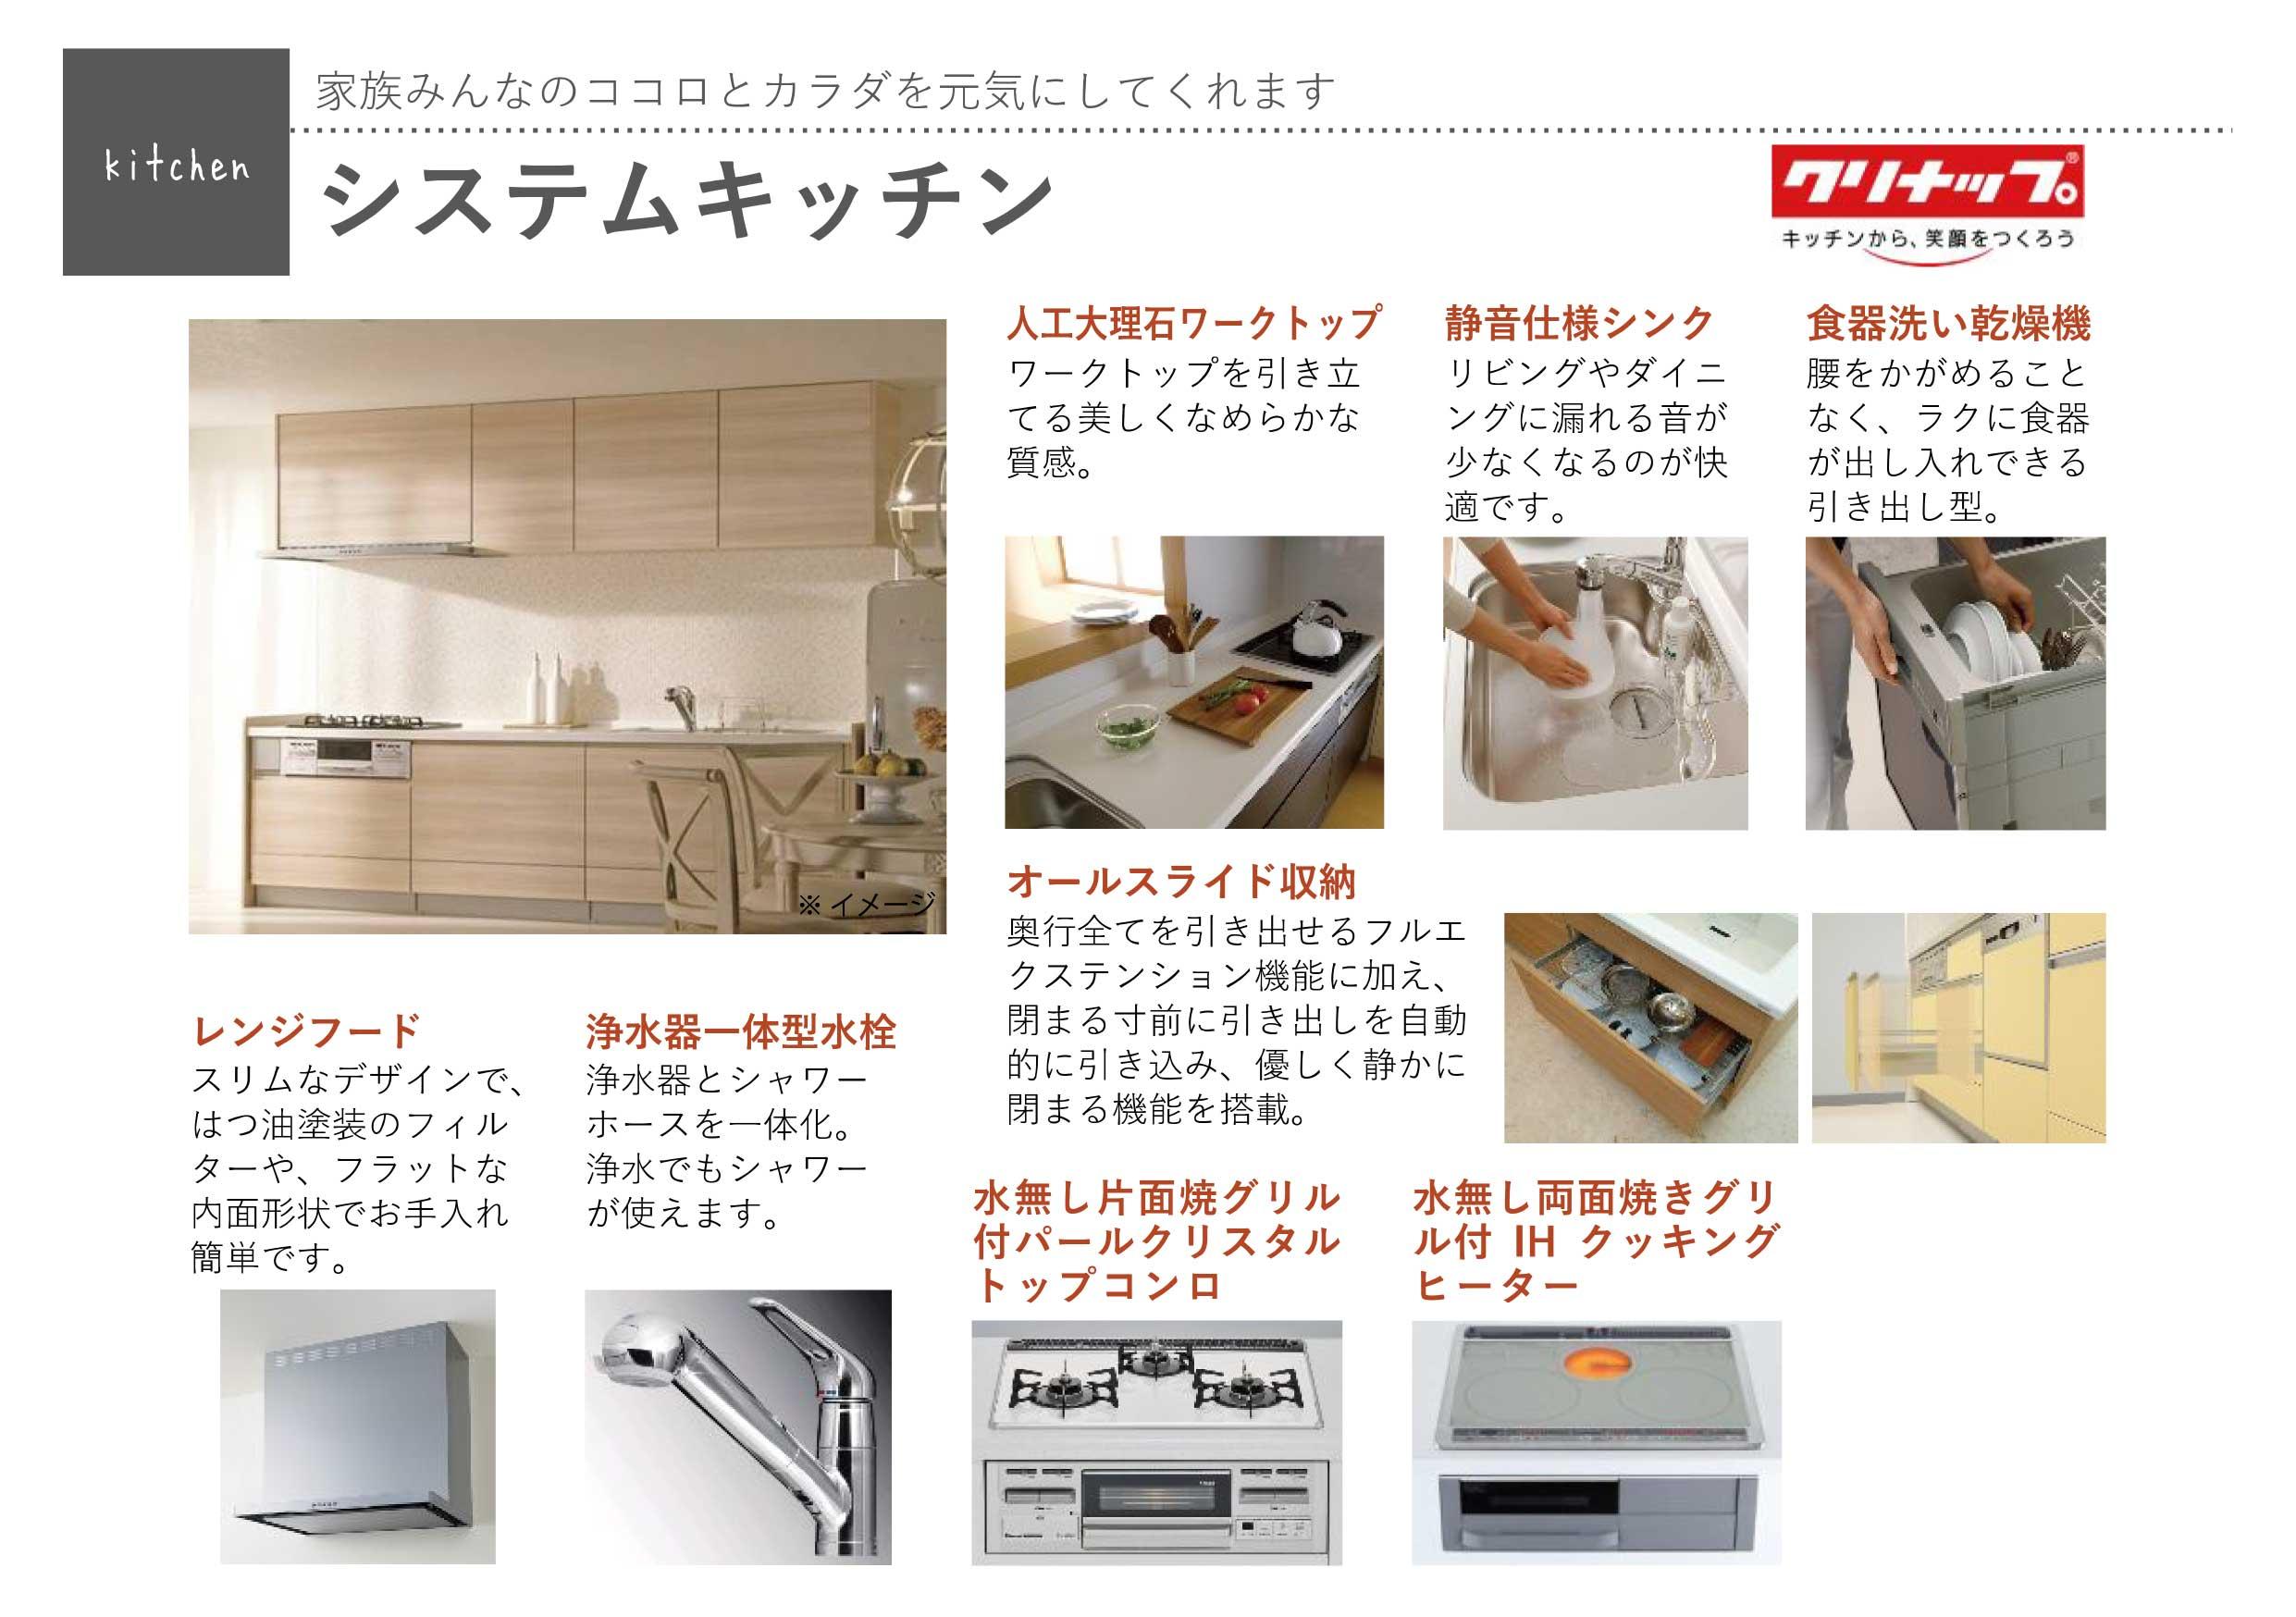 キッチンイメージ *画像はイメージです。物件によって形状、仕様は異なります。